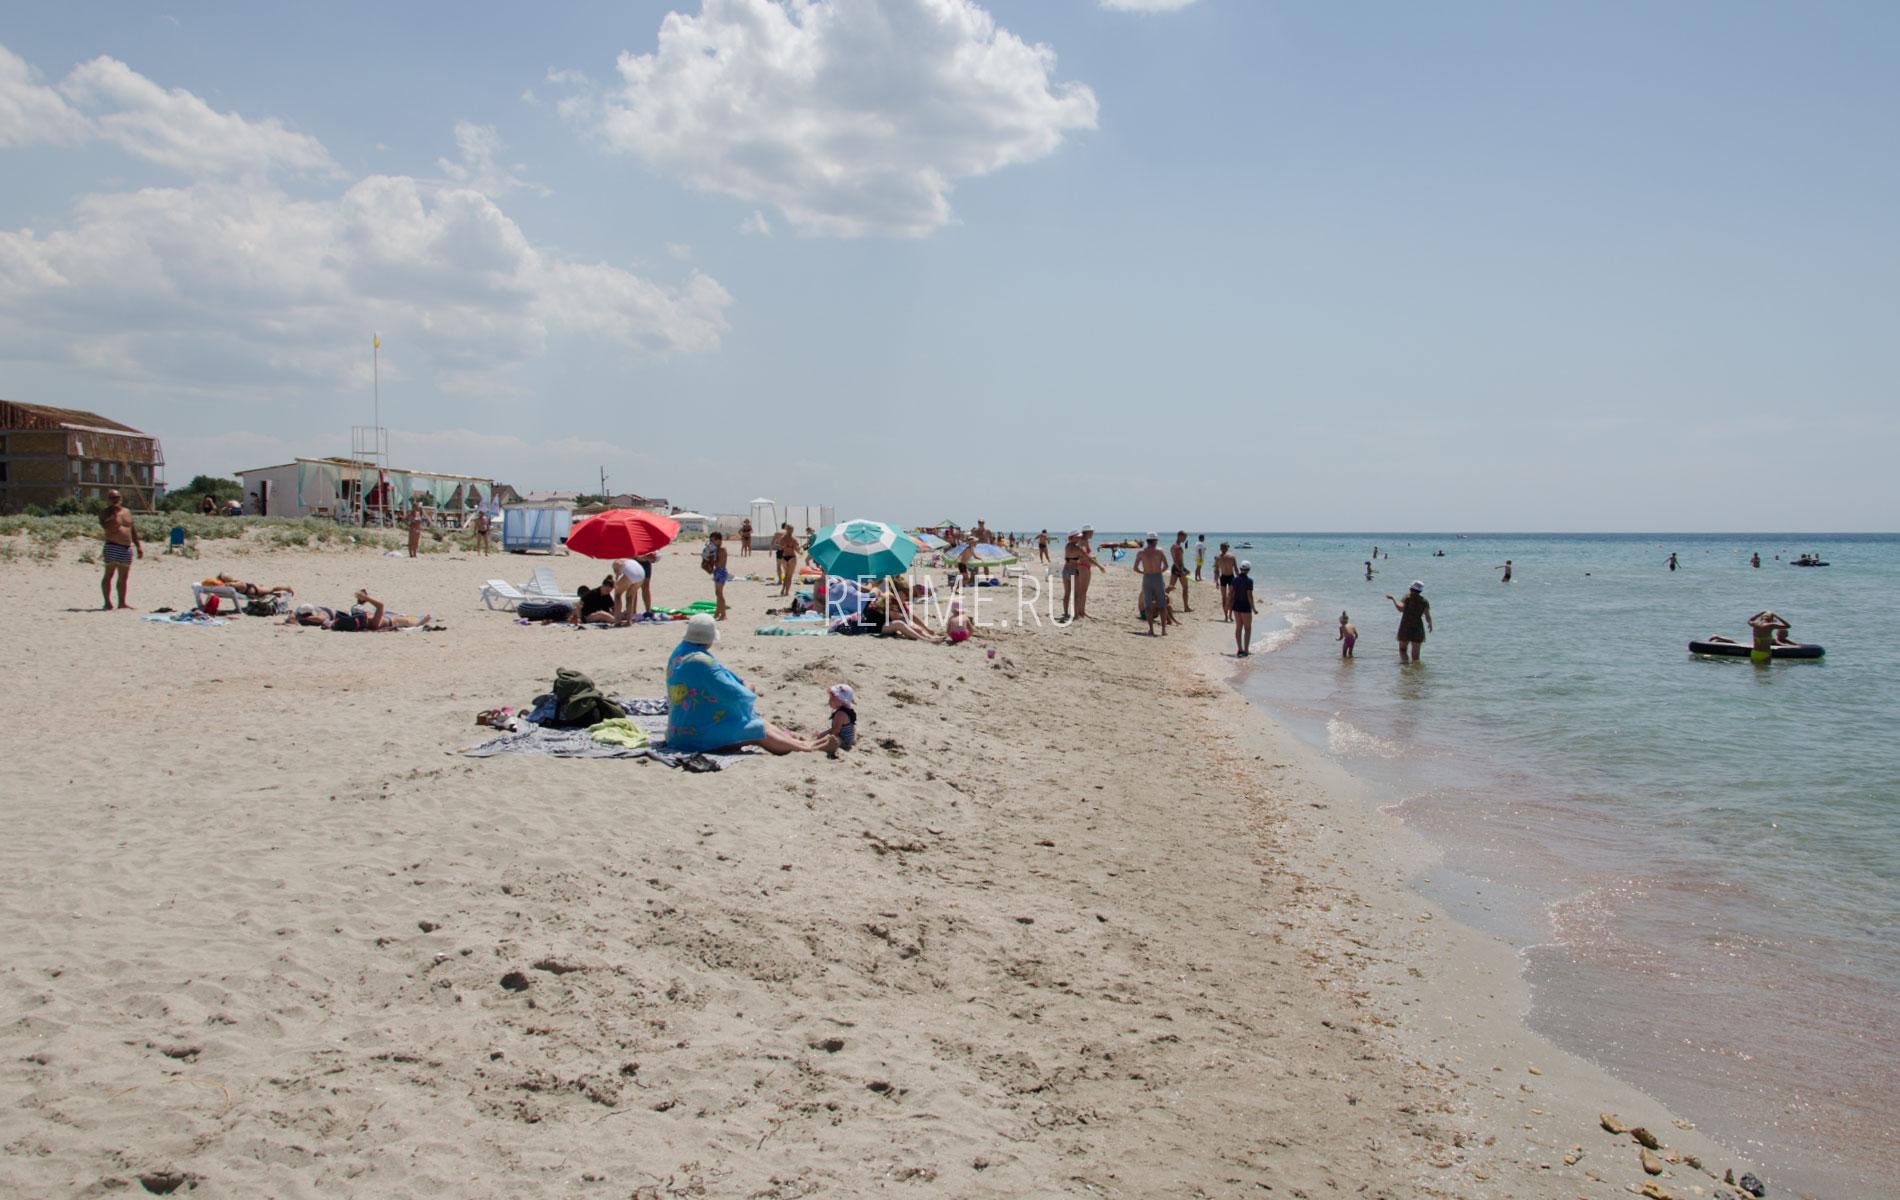 Песчаный пляж в Штормовом, летом 2019. Фото Штормового